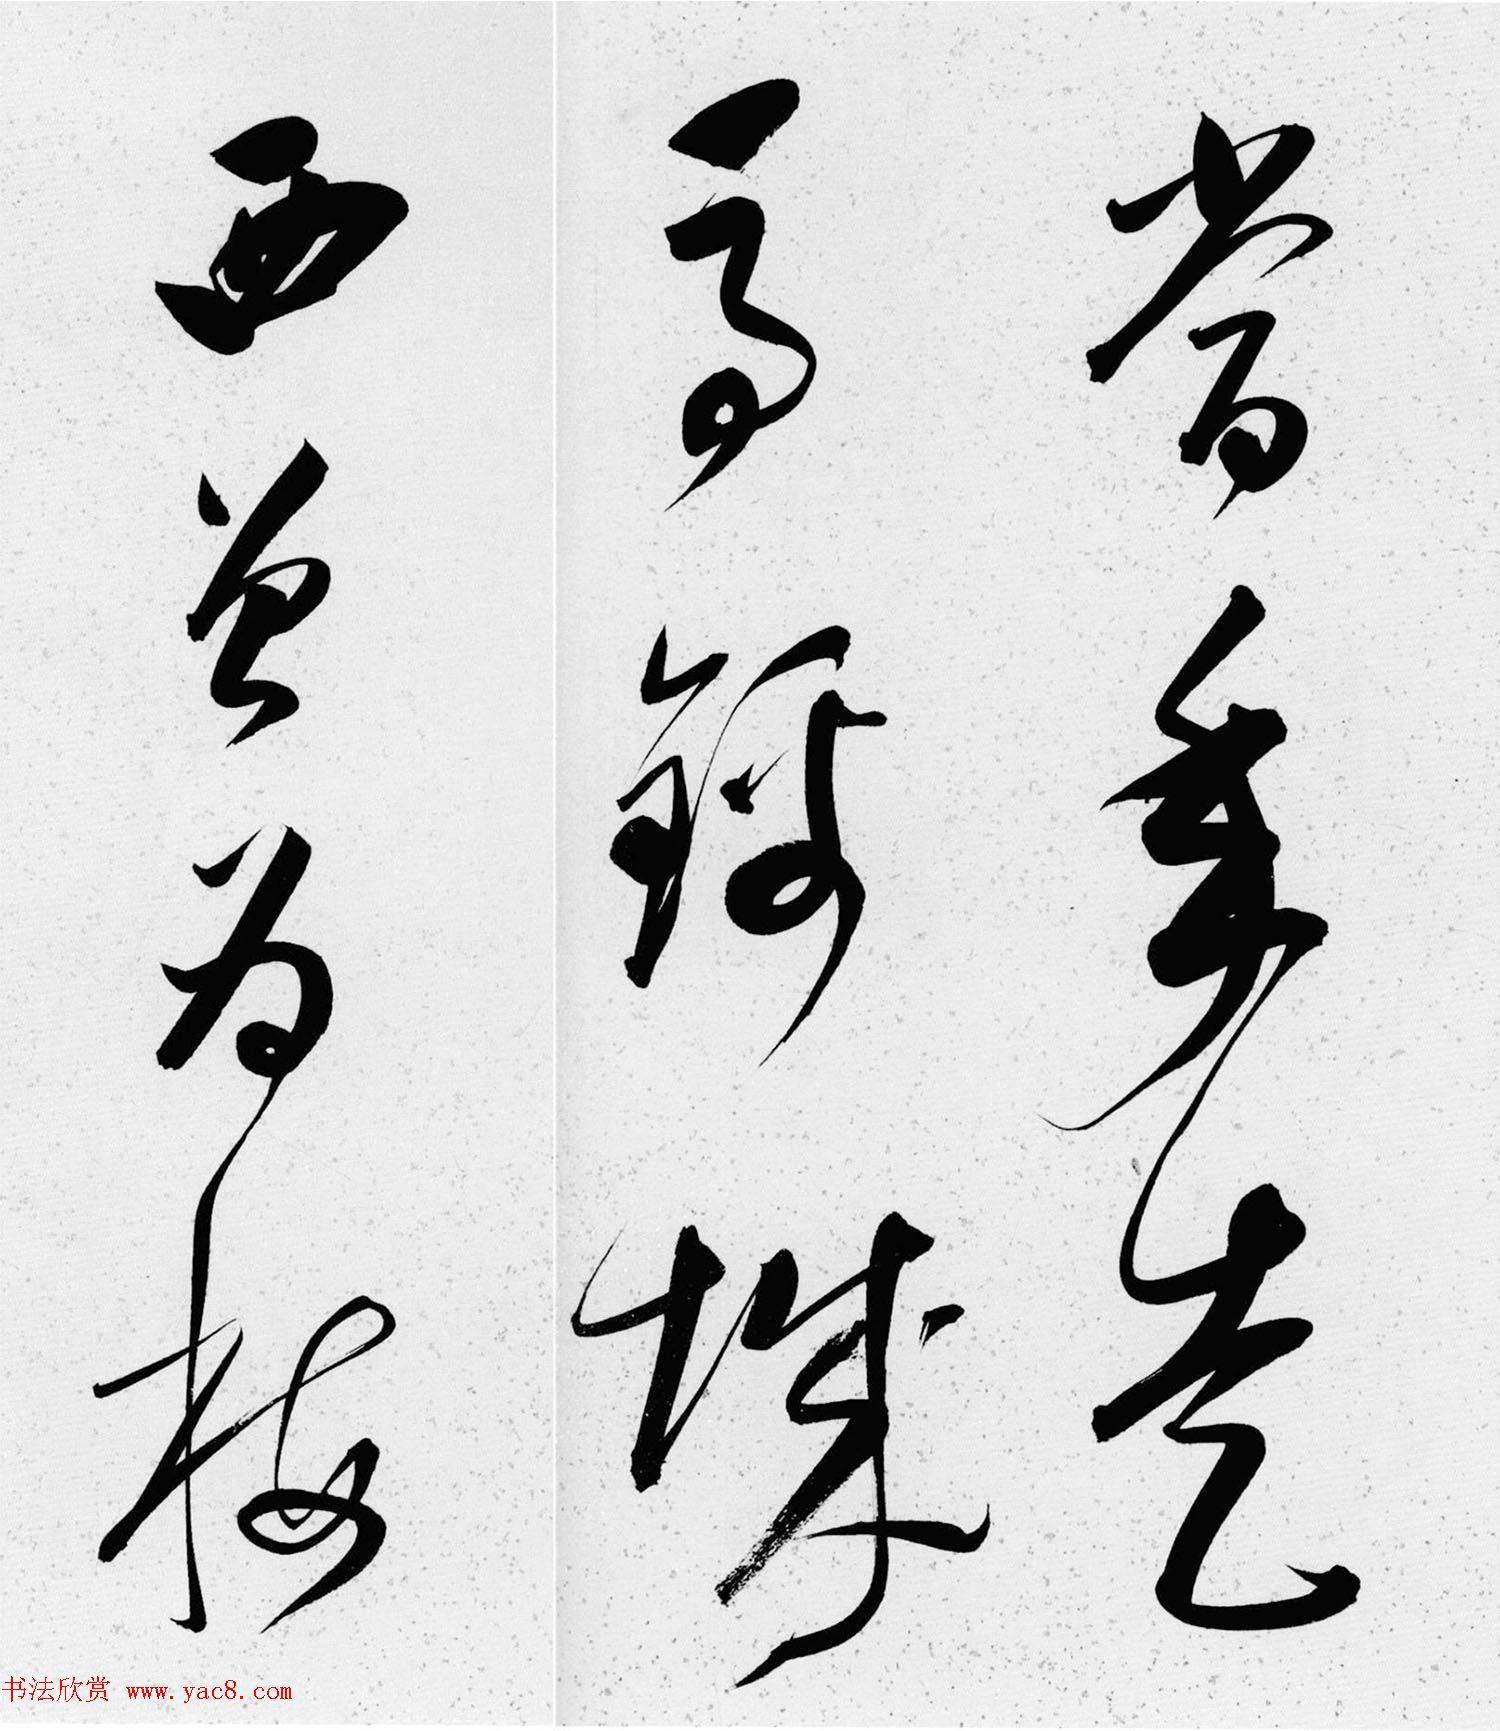 清代朱昂之行书赏析《陆游诗卷》